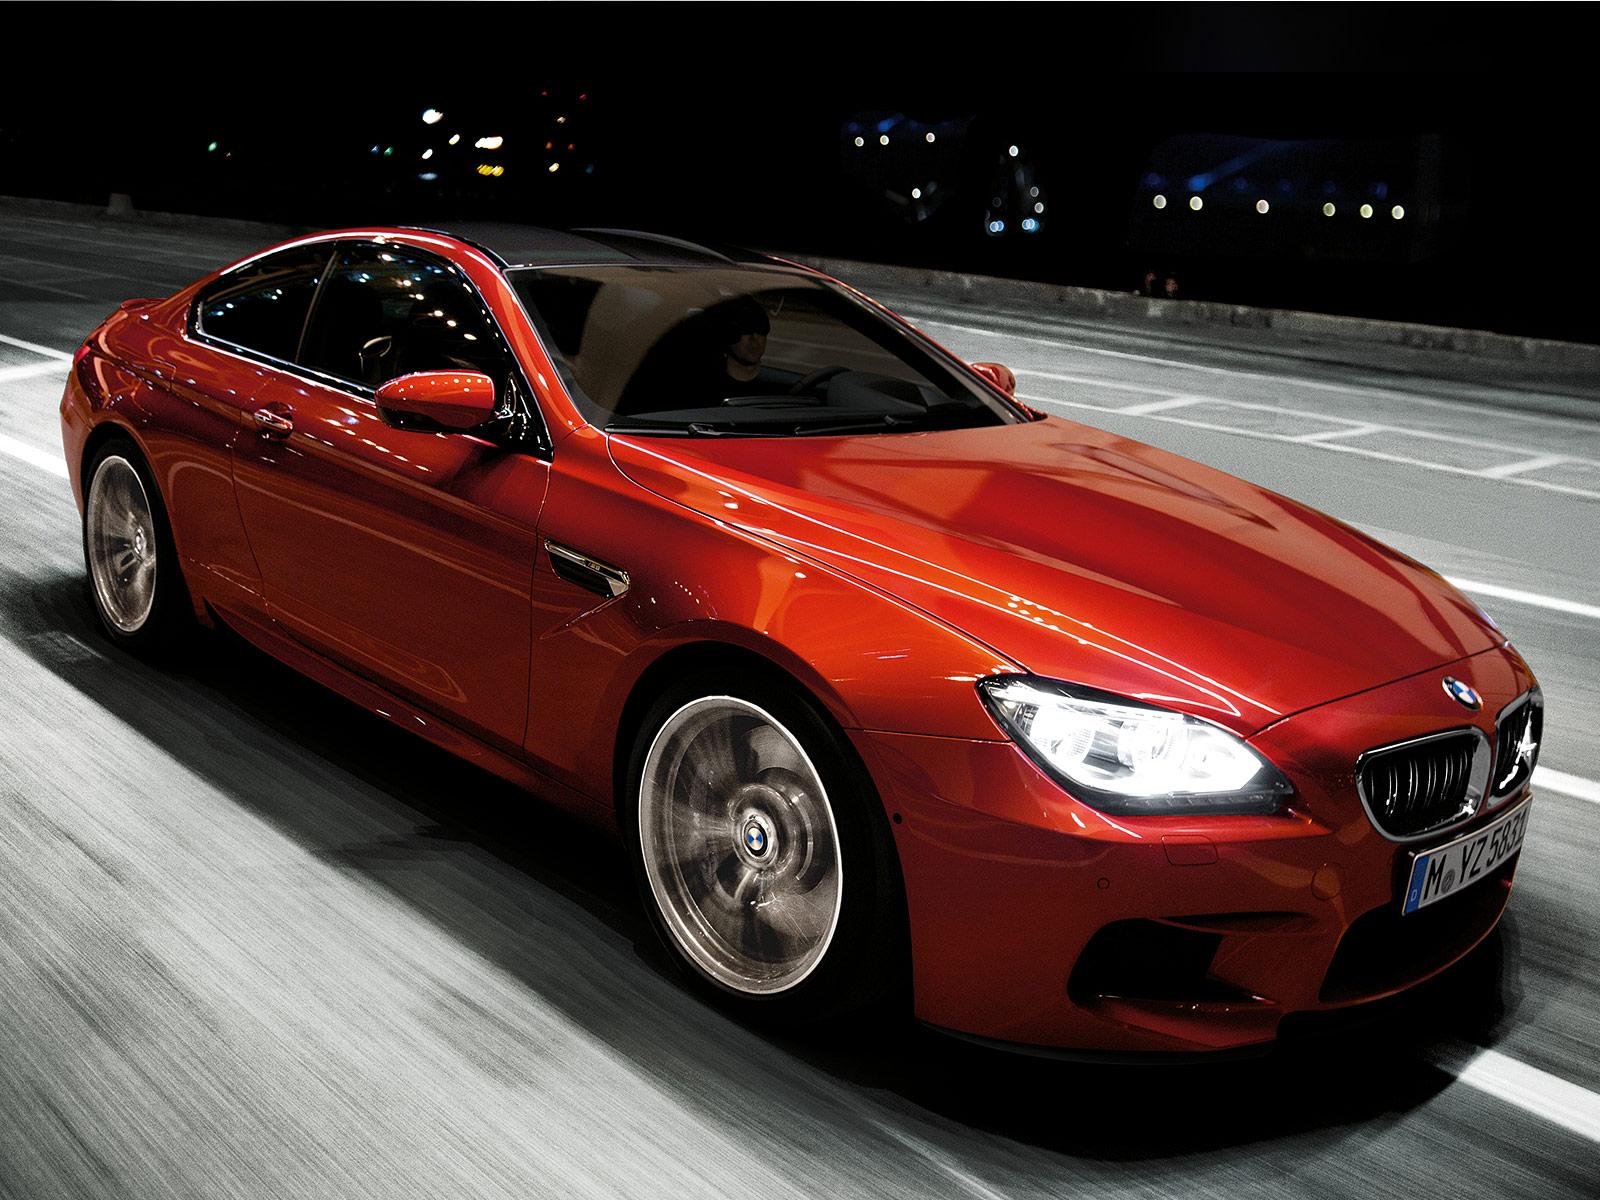 轿跑将搭载已配备在宝马x5m和x6m上的4.4l v8双涡轮增压发动高清图片